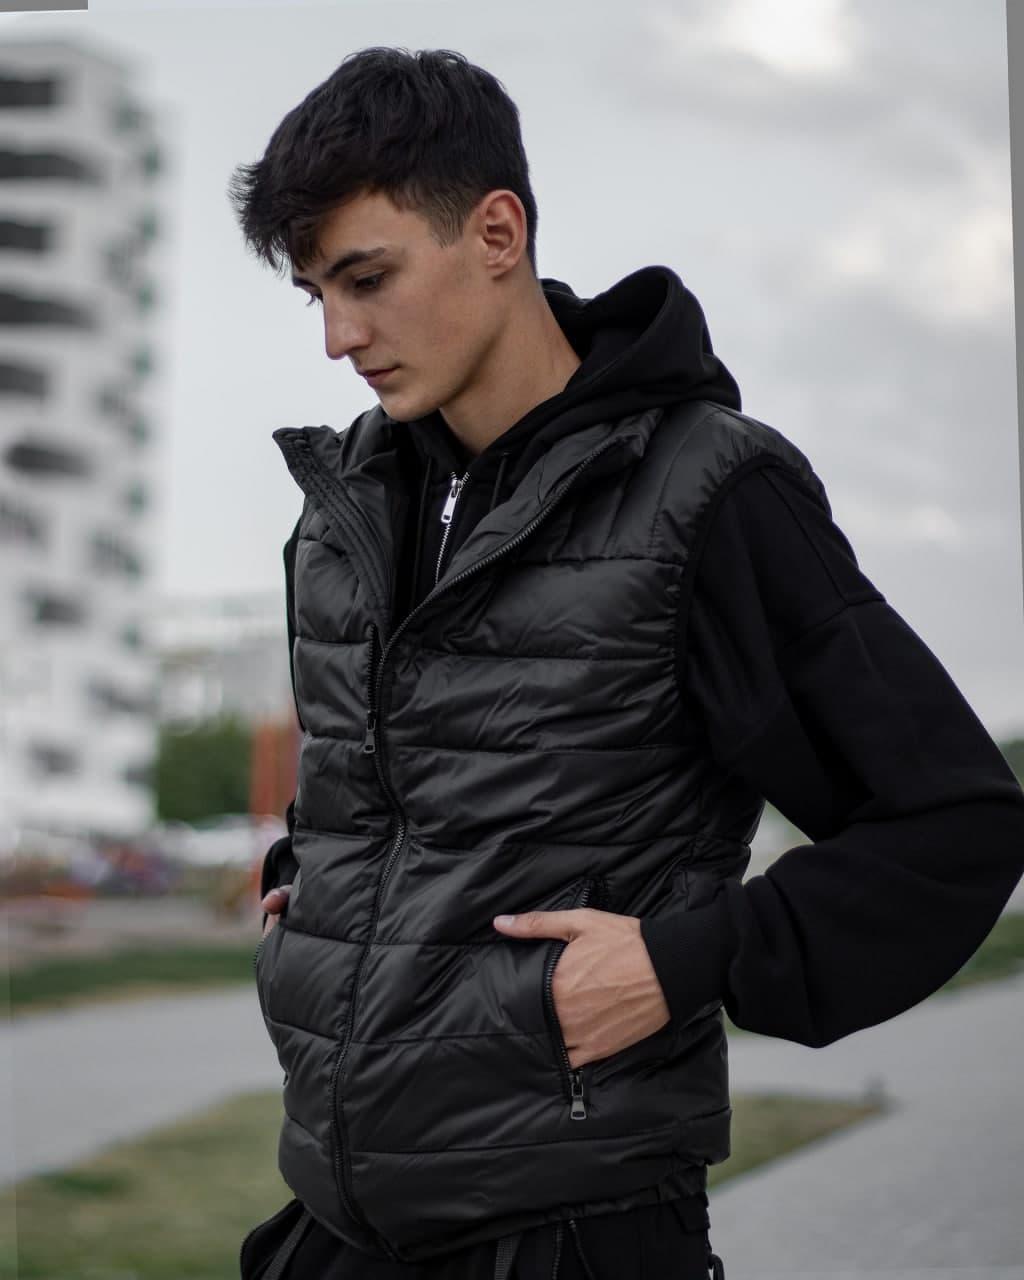 Жилетка спортивная мужская без капюшона, крутой теплый жилет, безрукавка черная bazes